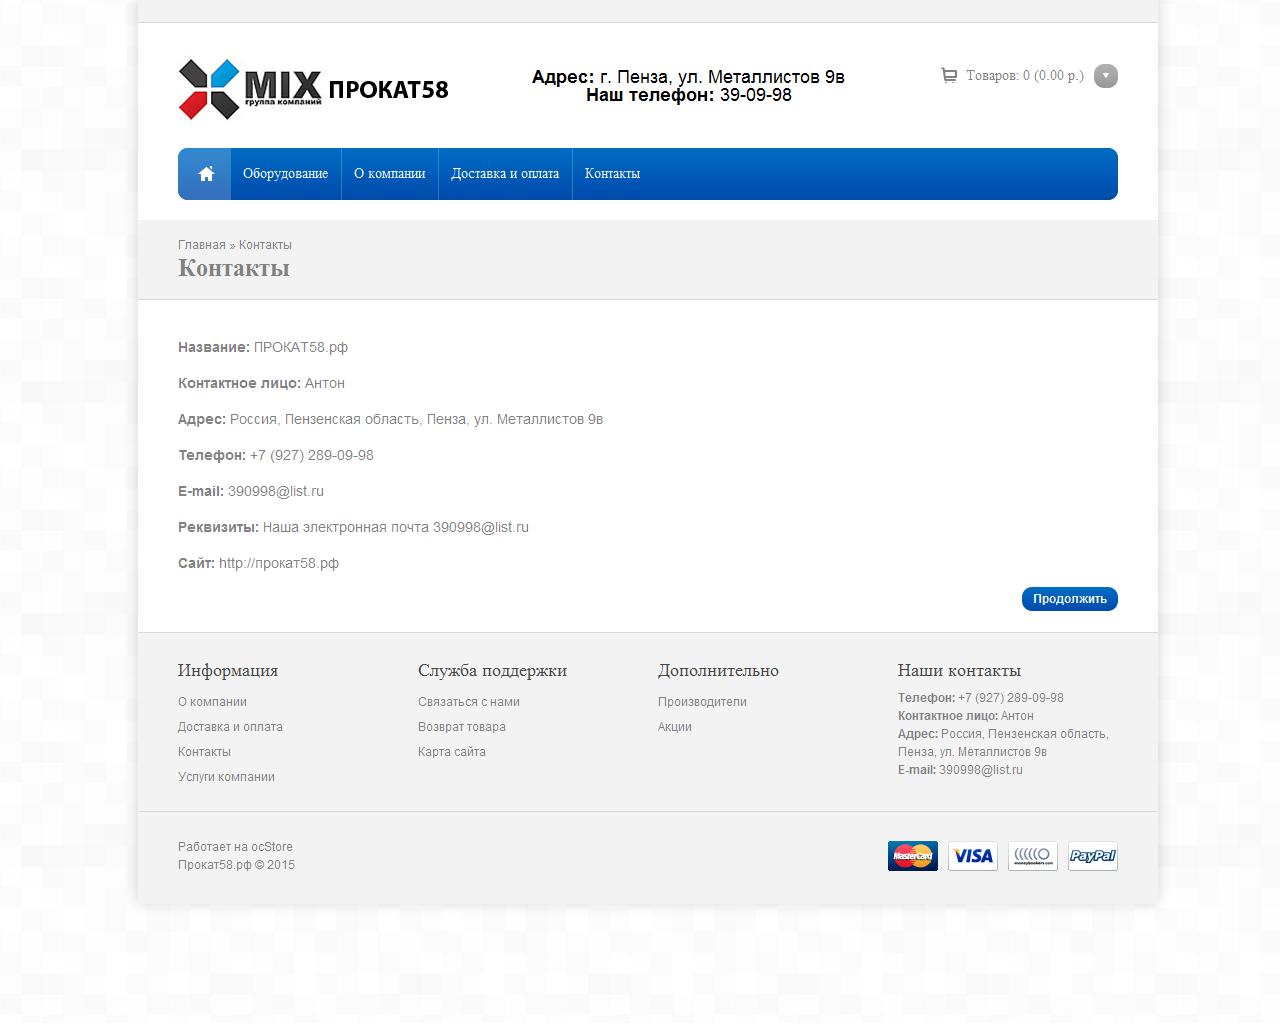 Компания «прокат58» Пенза